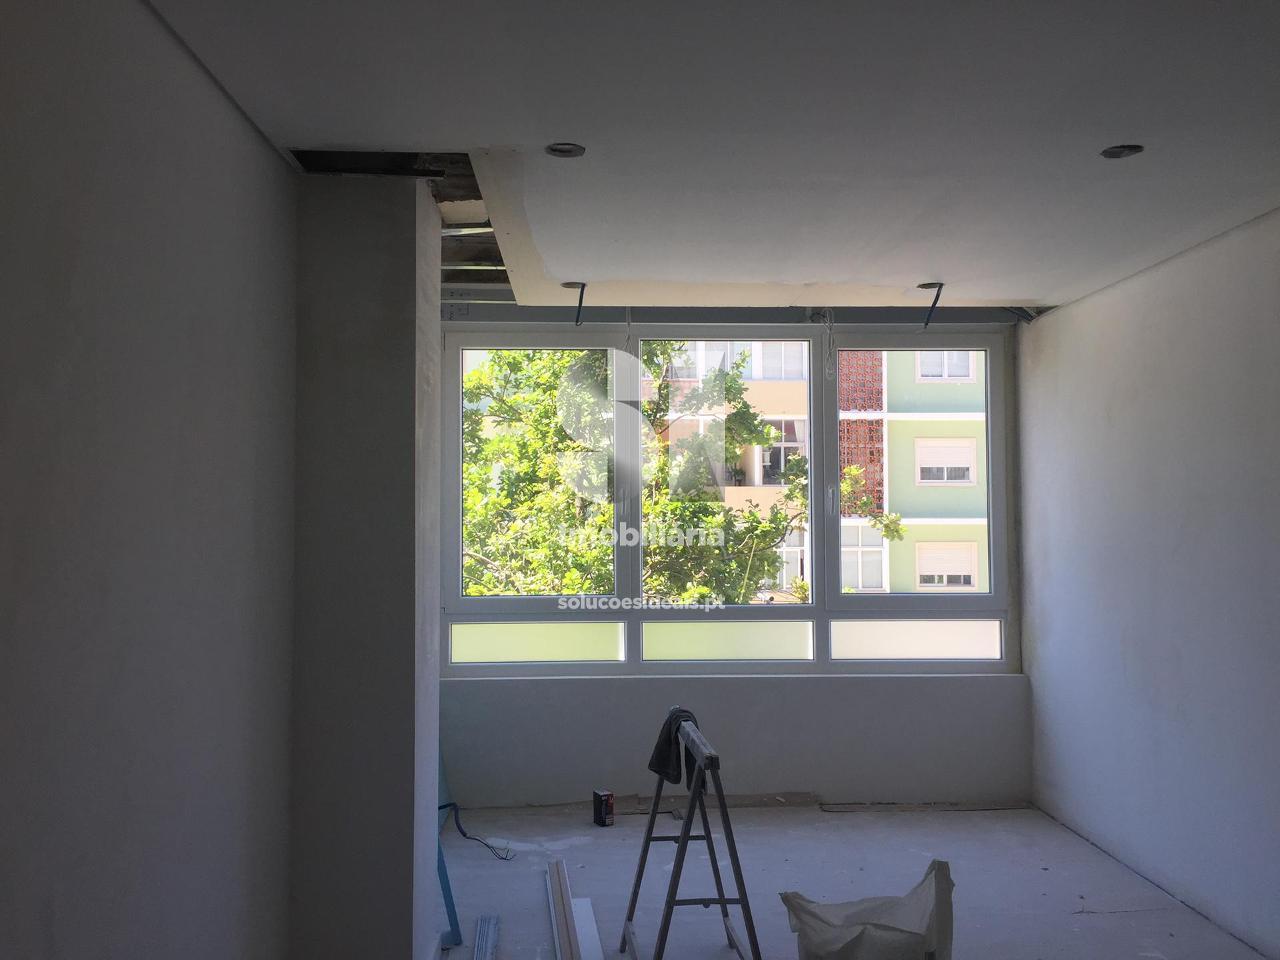 apartamento t3 para compra em almada uniao das freguesias de almada cova da piedade pragal e cacilhas CHASP69